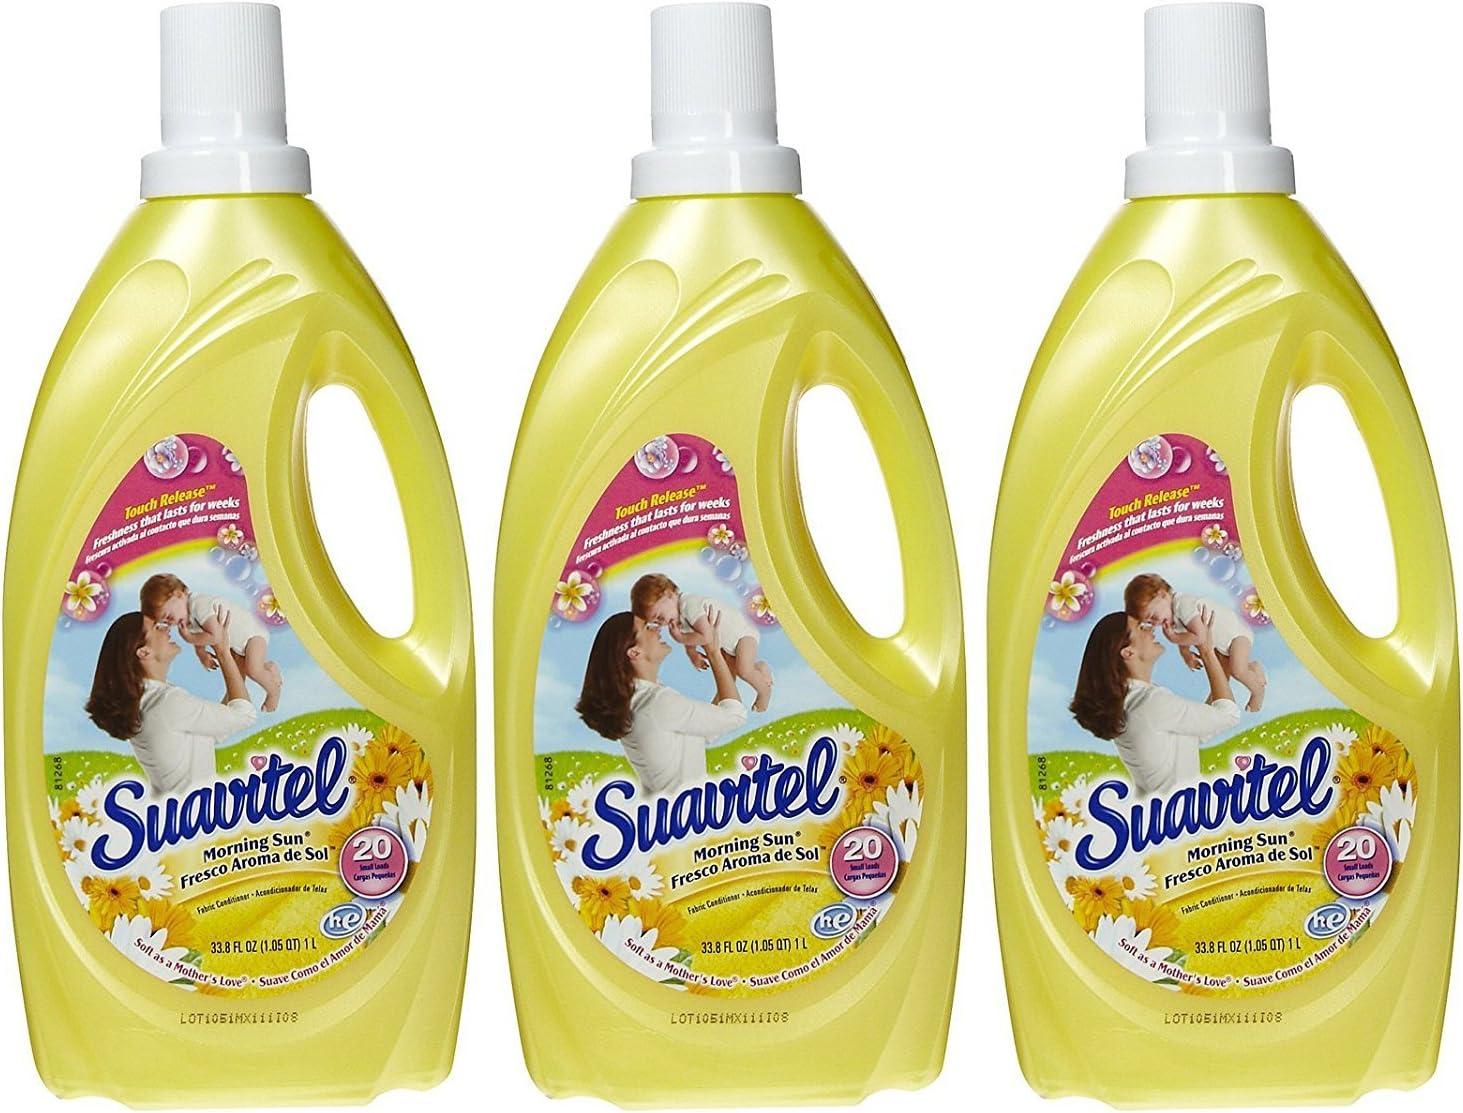 Suavitel Liquid Fabric Softener - Morning Sun - 33.8 oz - 3 pk